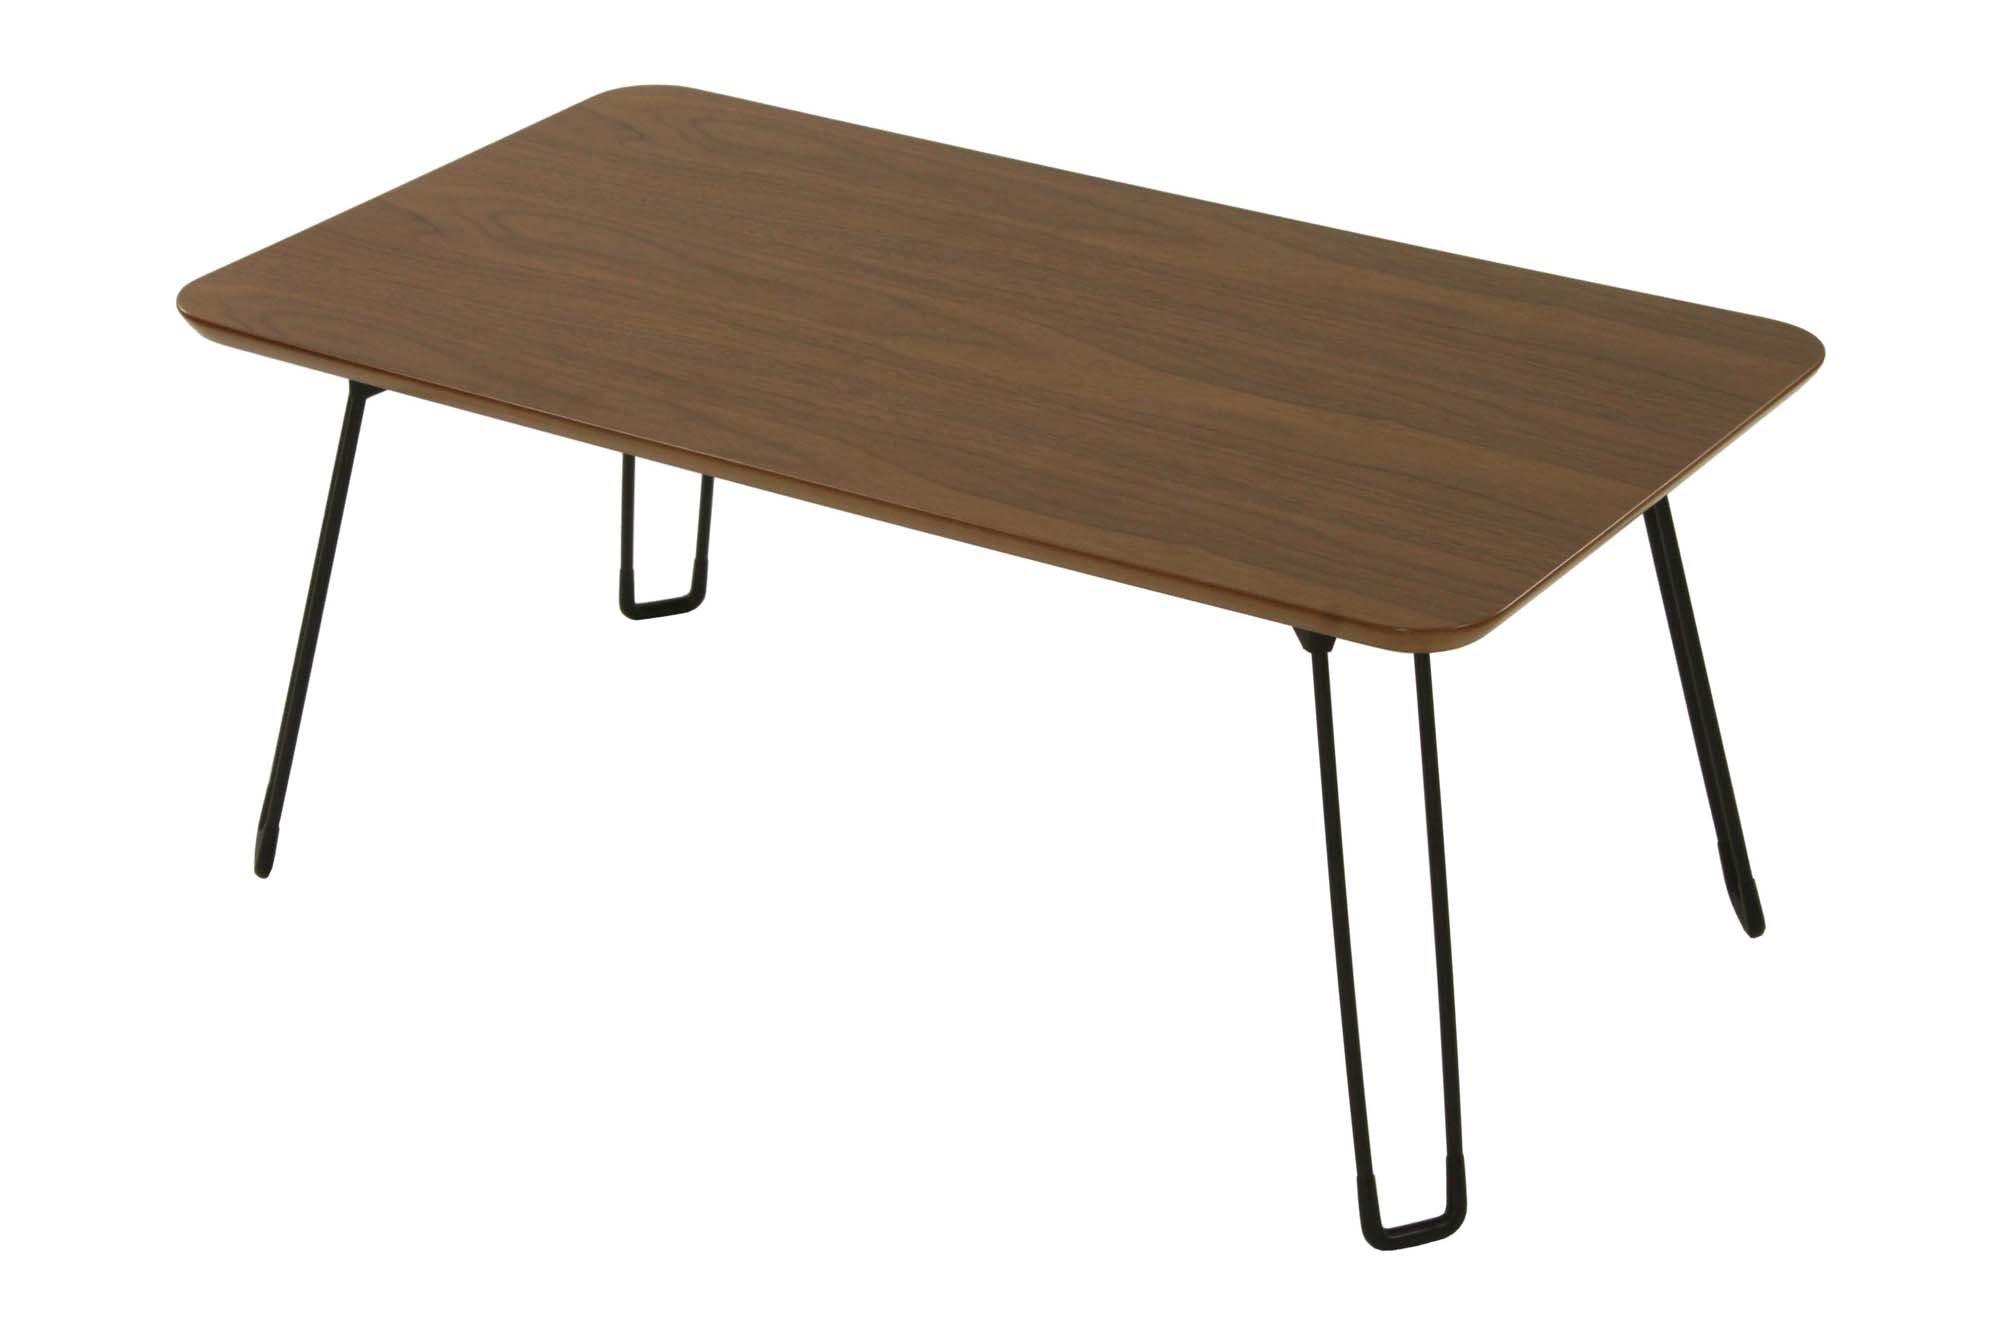 narumikk ウォールナットローテーブル フレンズ ブラウン幅80cm 27-327